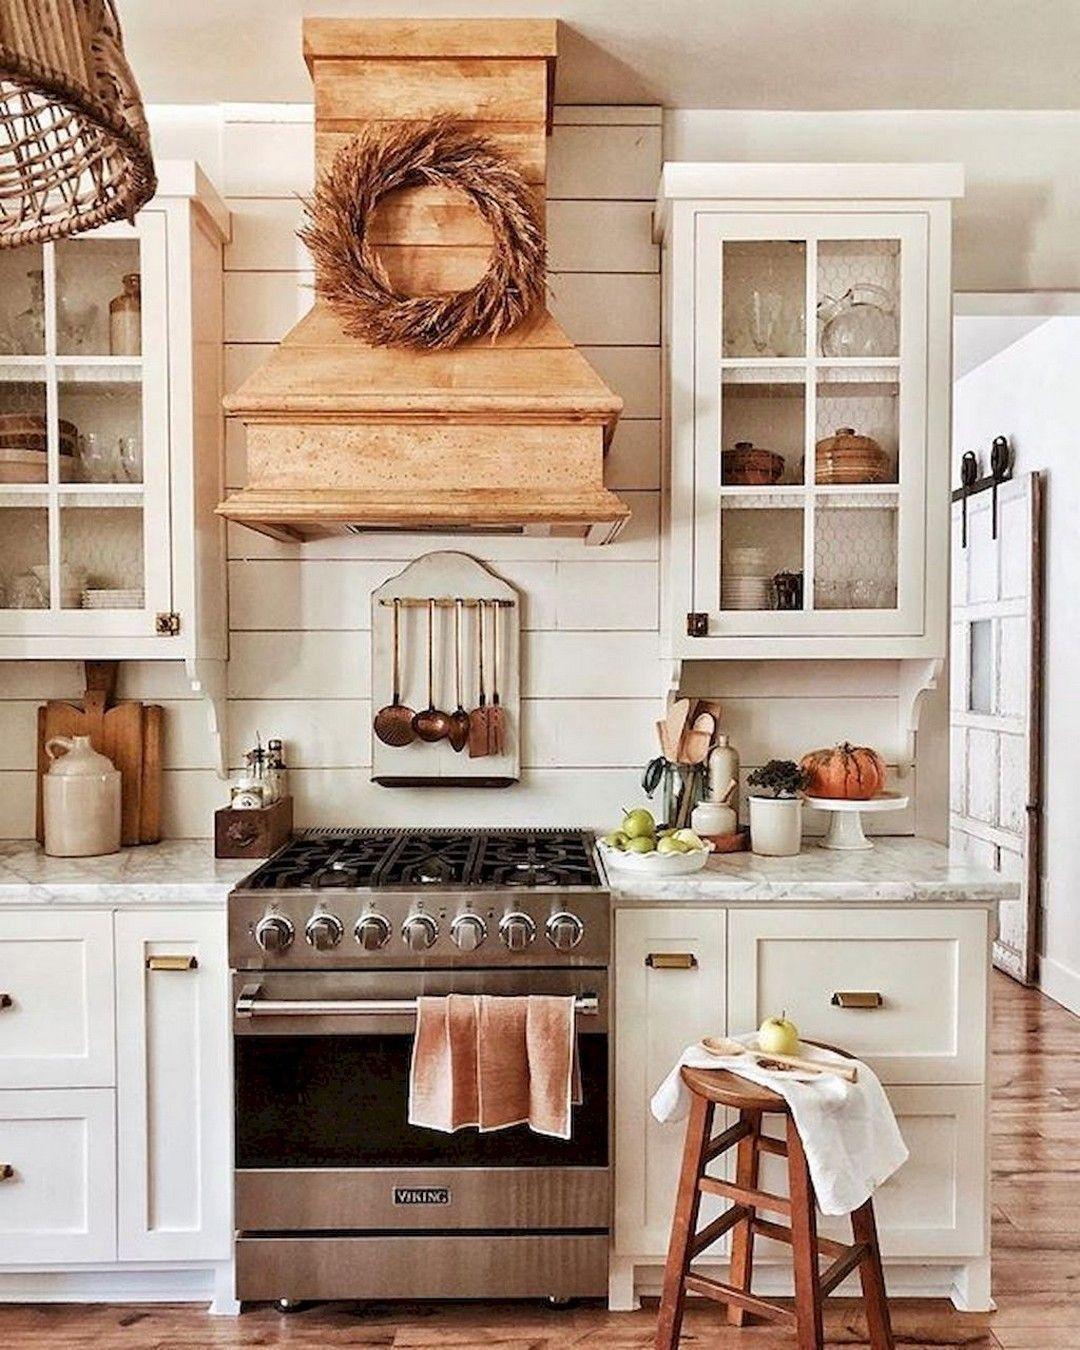 33 inspiring farmhouse kitchen design ideas on a budget farmhouse kitchen decor farmhouse on kitchen ideas on a budget id=46183